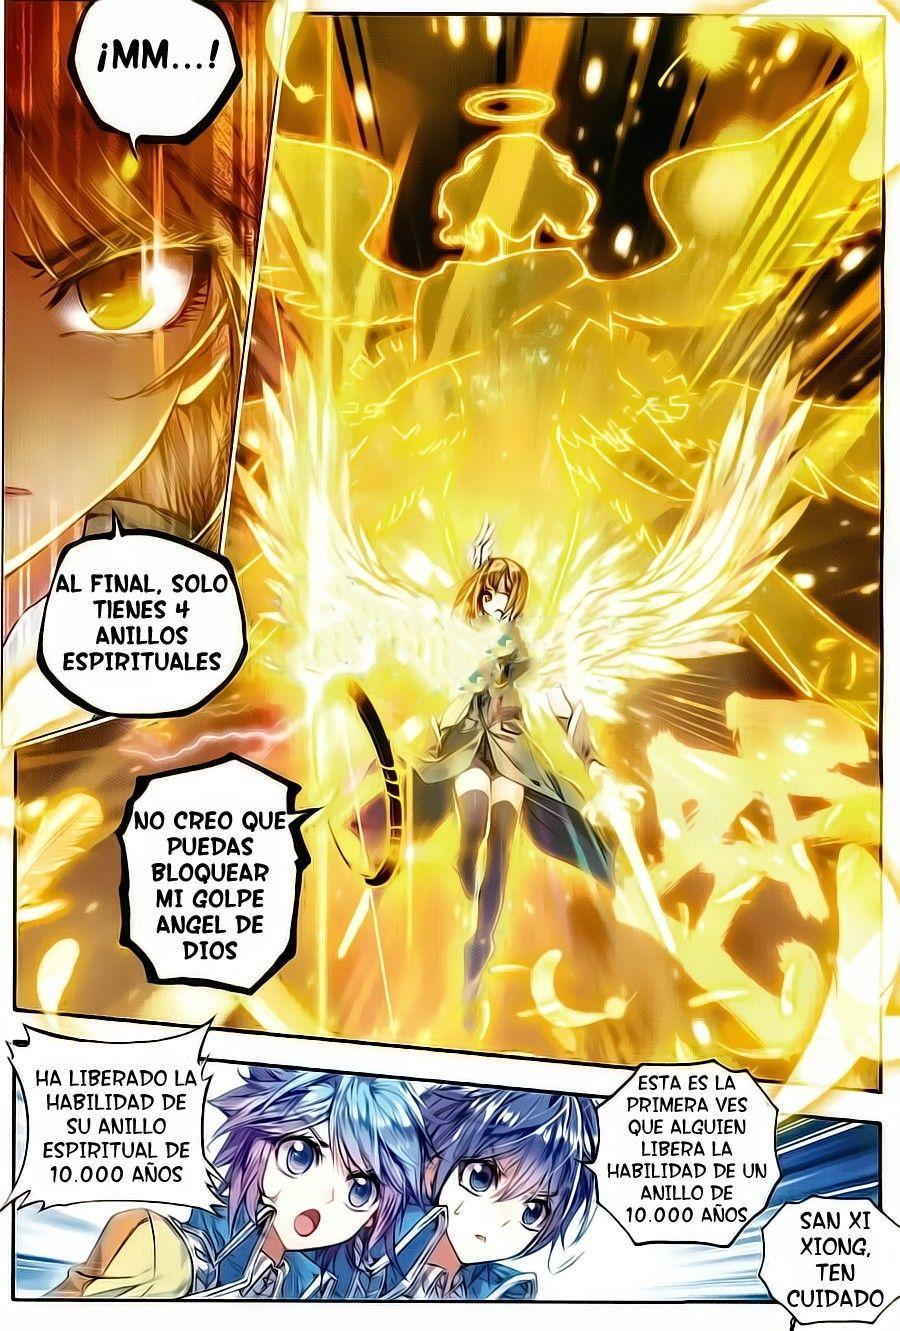 http://c5.ninemanga.com/es_manga/33/16417/463626/003bed21fddc817050c8fa11897fe660.jpg Page 4